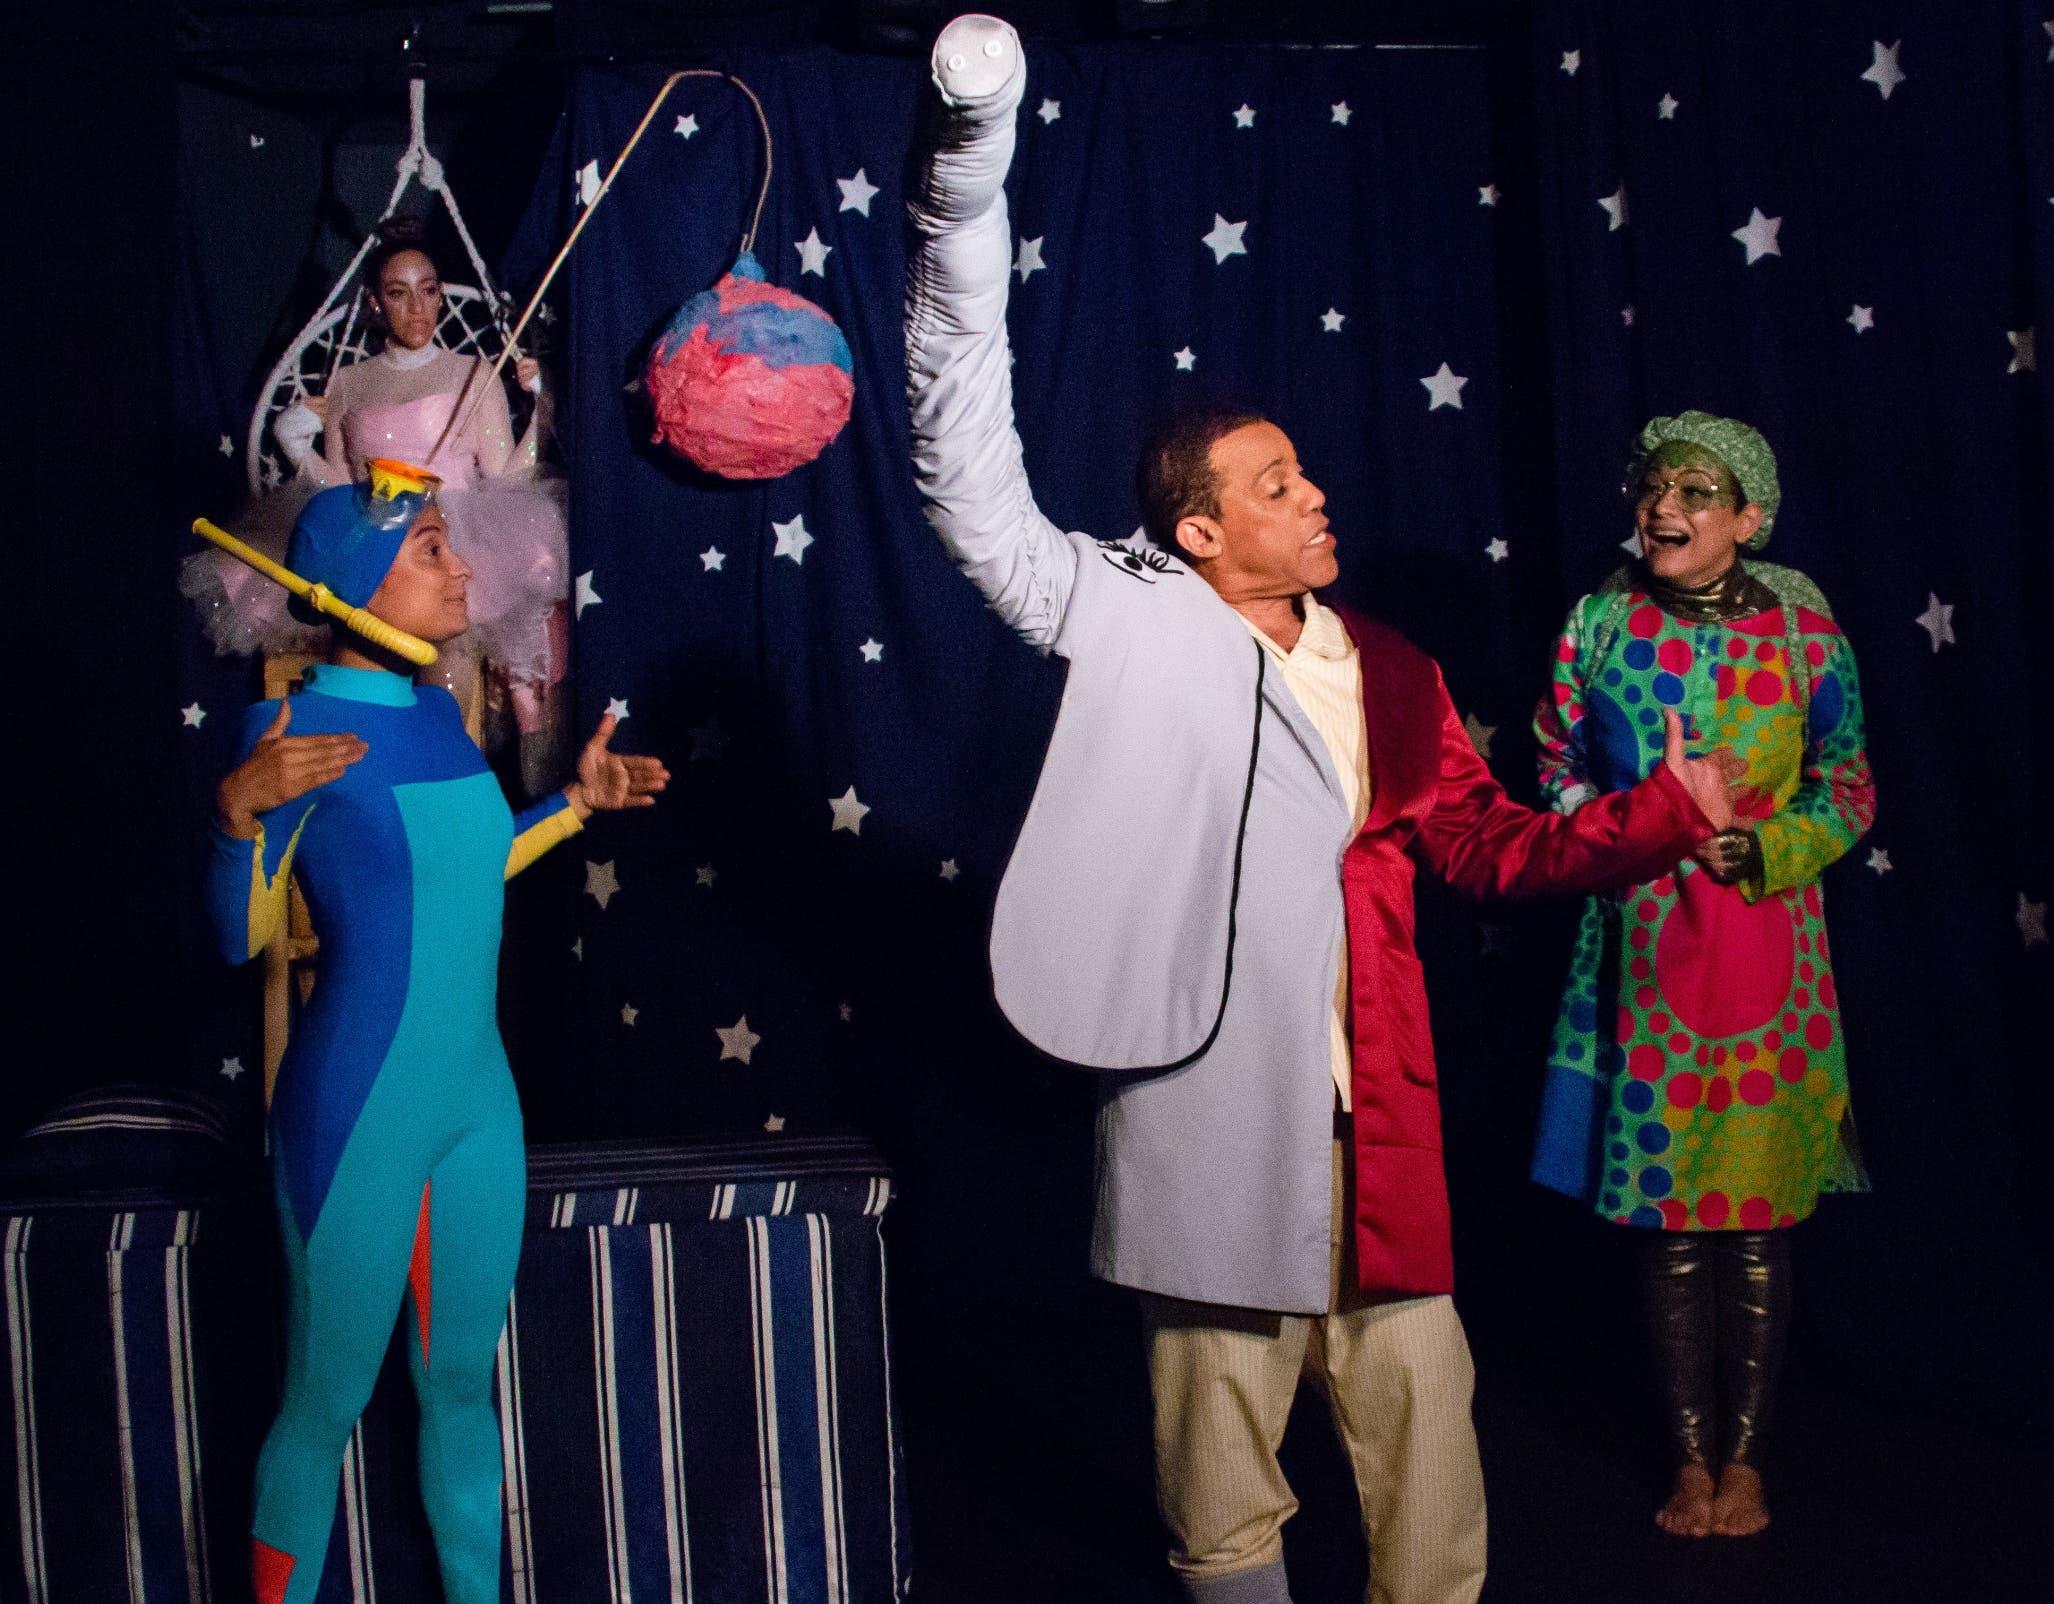 Basilio Nova en una obra teatral,   en donde demuestra la gran pasión que tiene por el arte.  FUENTE EXTERNA